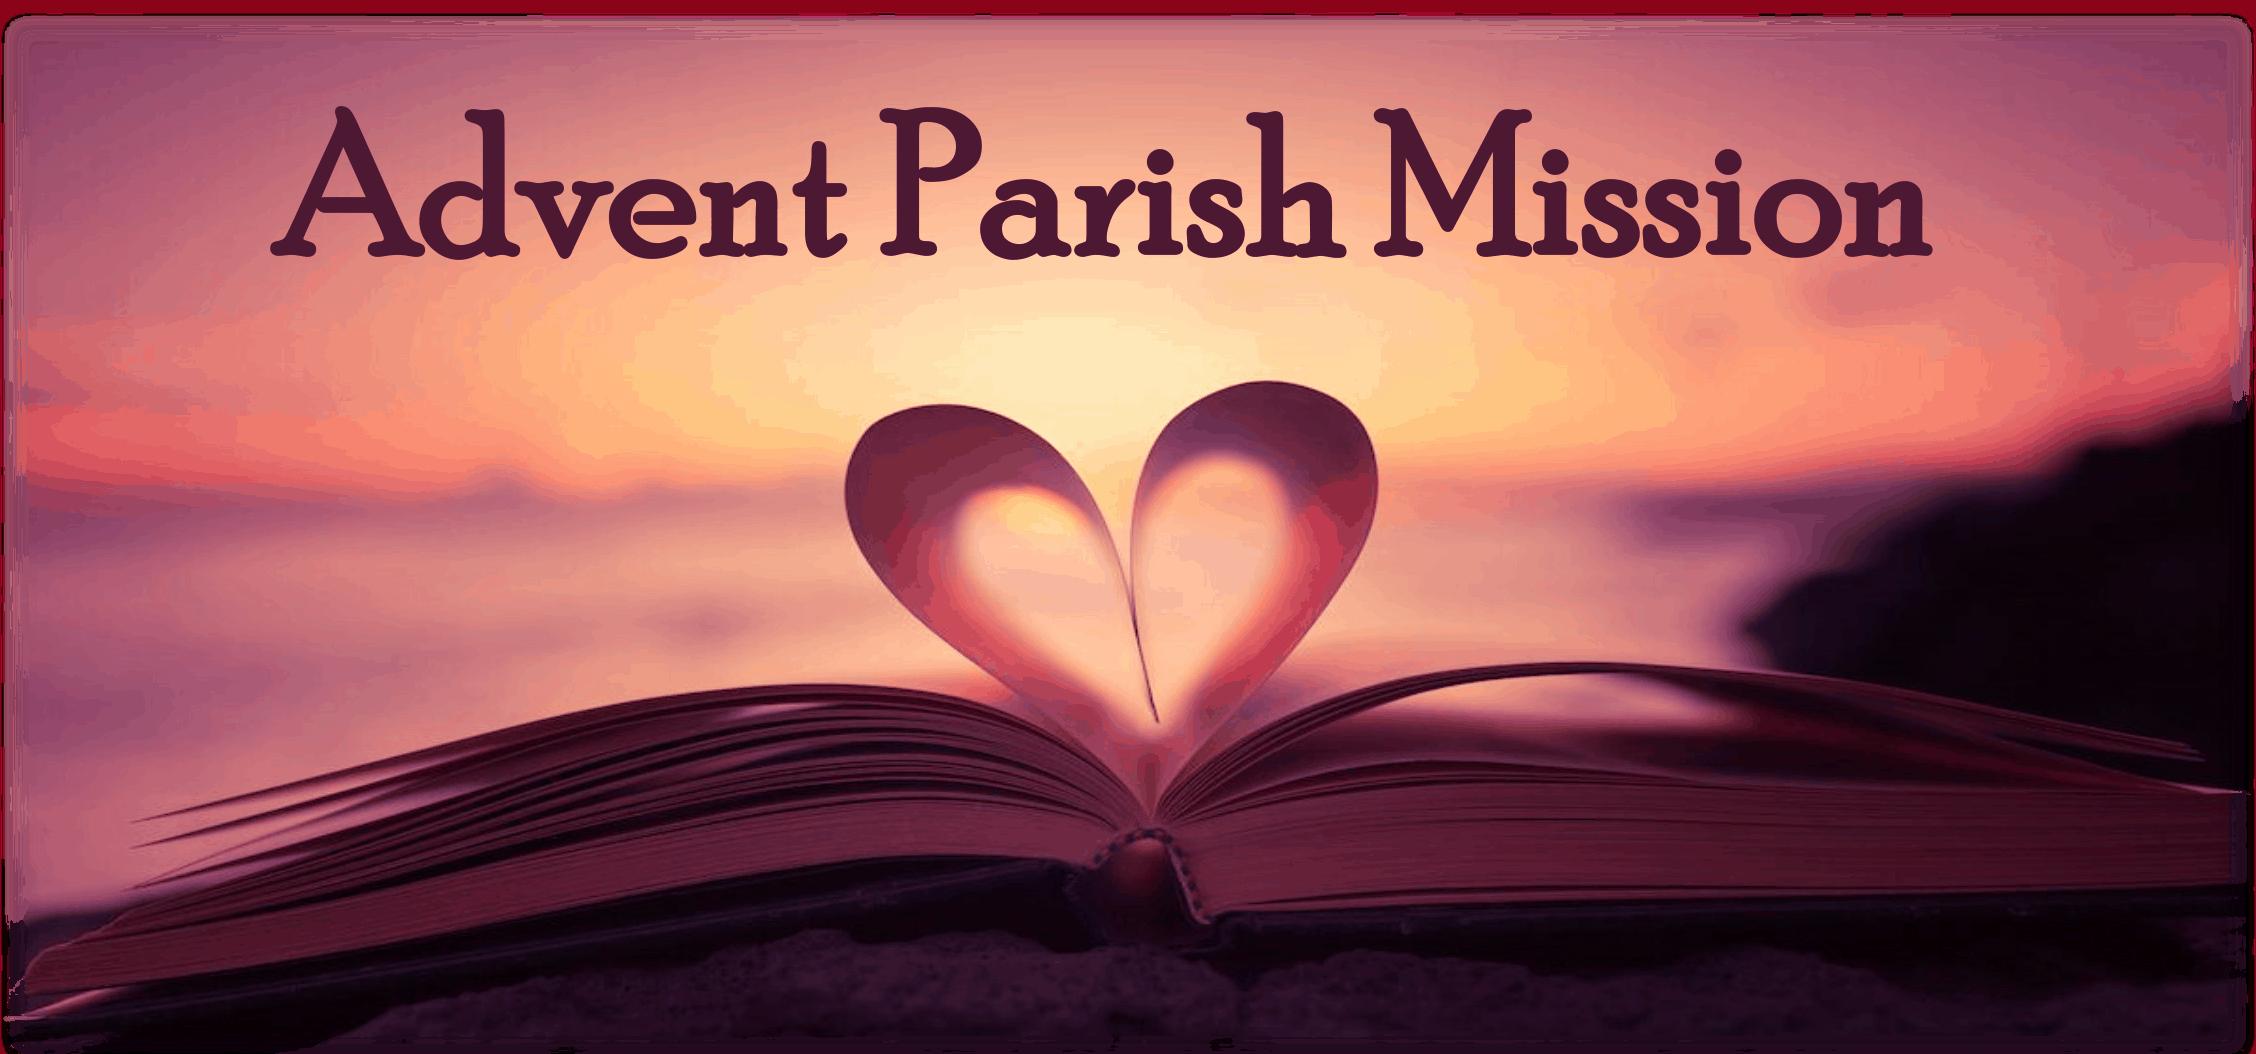 Advent Parish Mission